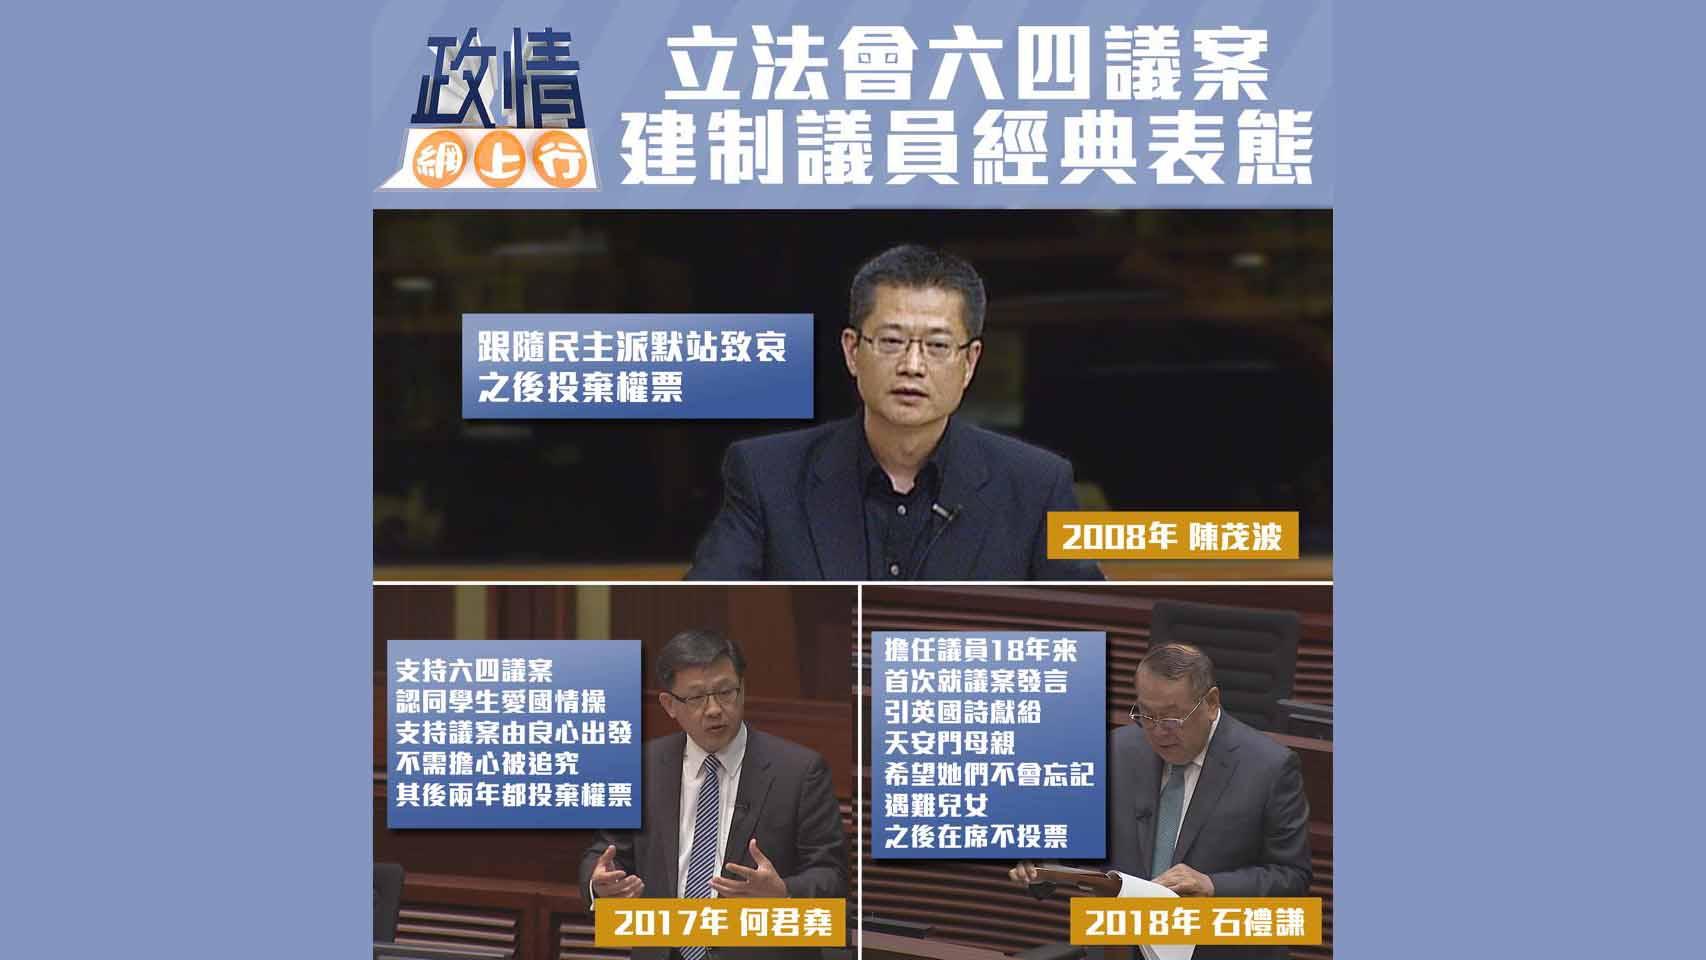 【政情網上行】立法會六四議案 建制議員經典表態